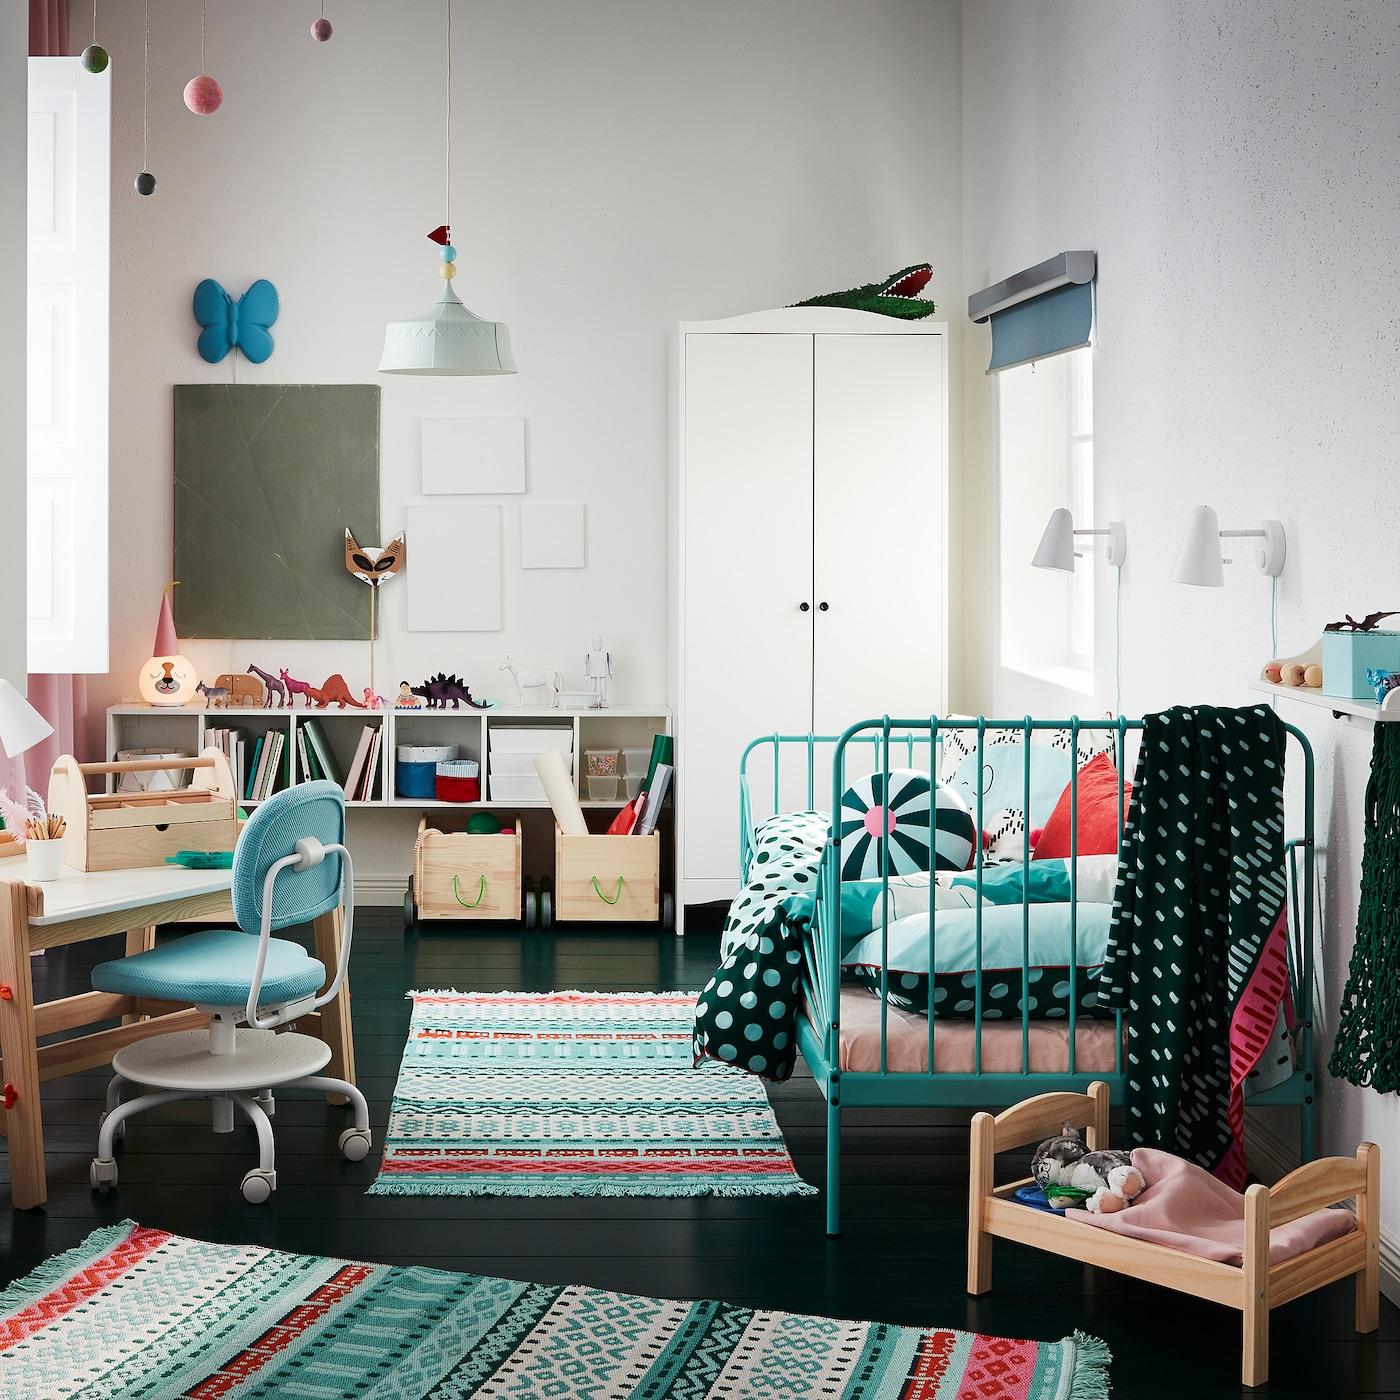 Børneværelse med farvestrålende tæpper, et turkis sengestel, et hvidt garderobeskab, en dukkeseng og et skrivebord til børn.